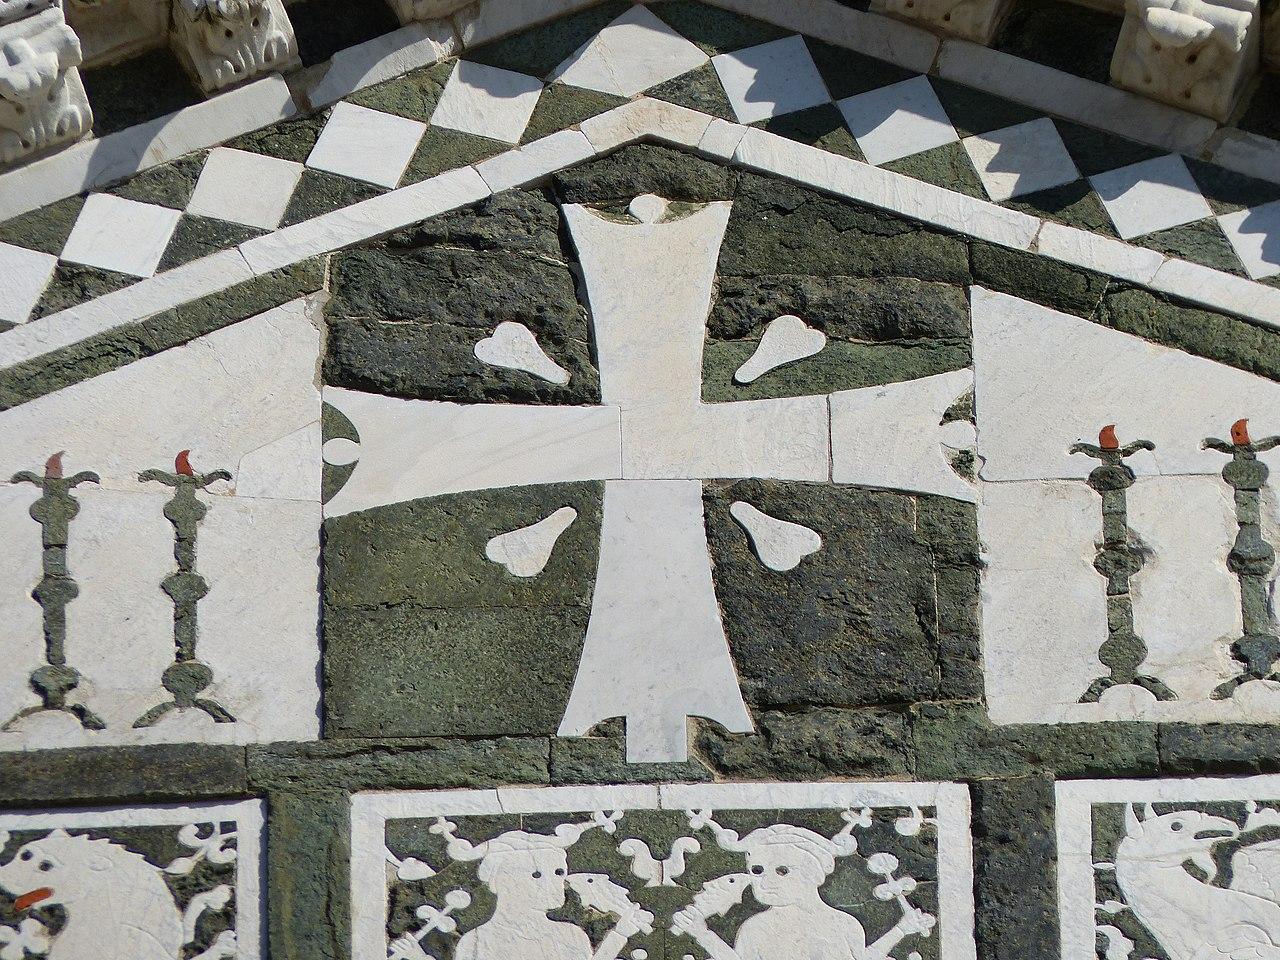 San Miniato al Monte, Firenze, la facciata di San Miniato, uno dei capolavori dell'architettura romanica fiorentina